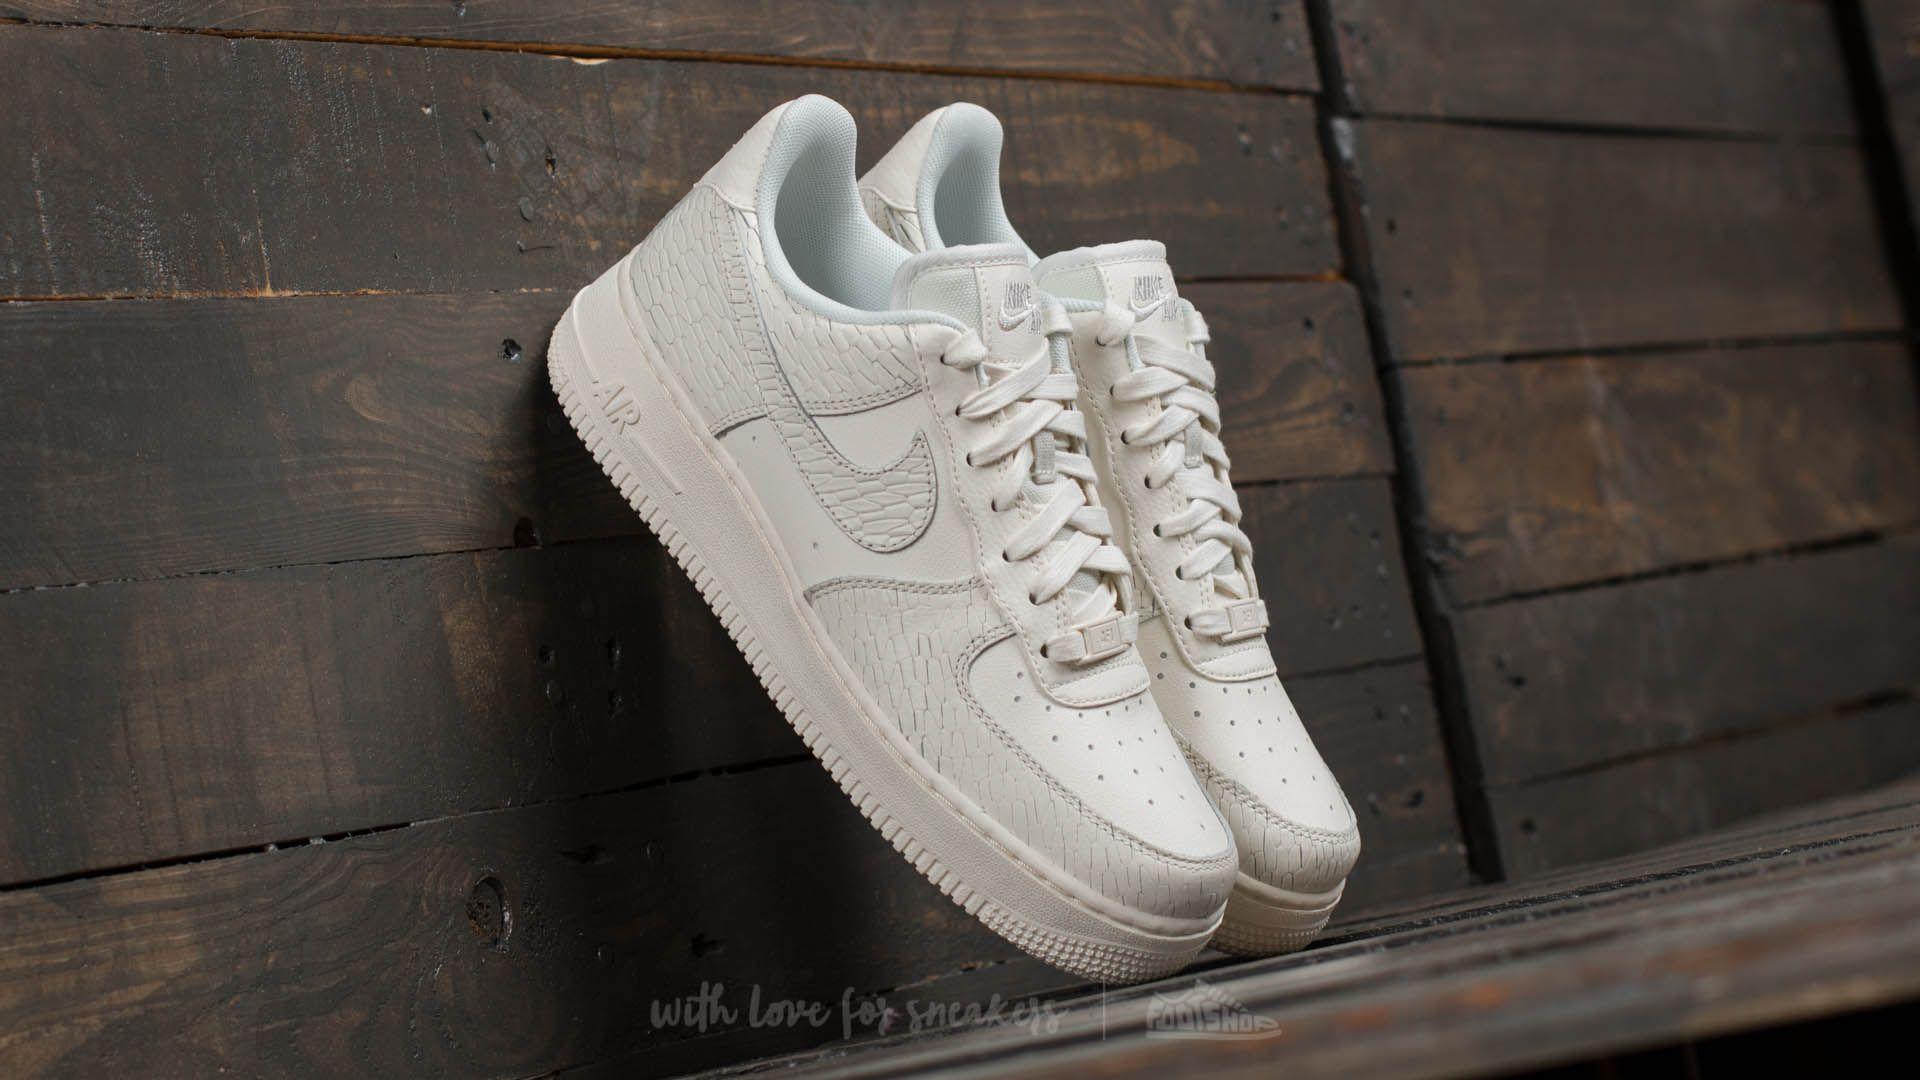 Nike Damskie Nike Air Force 1 '07 Sneakersy In Light Bone